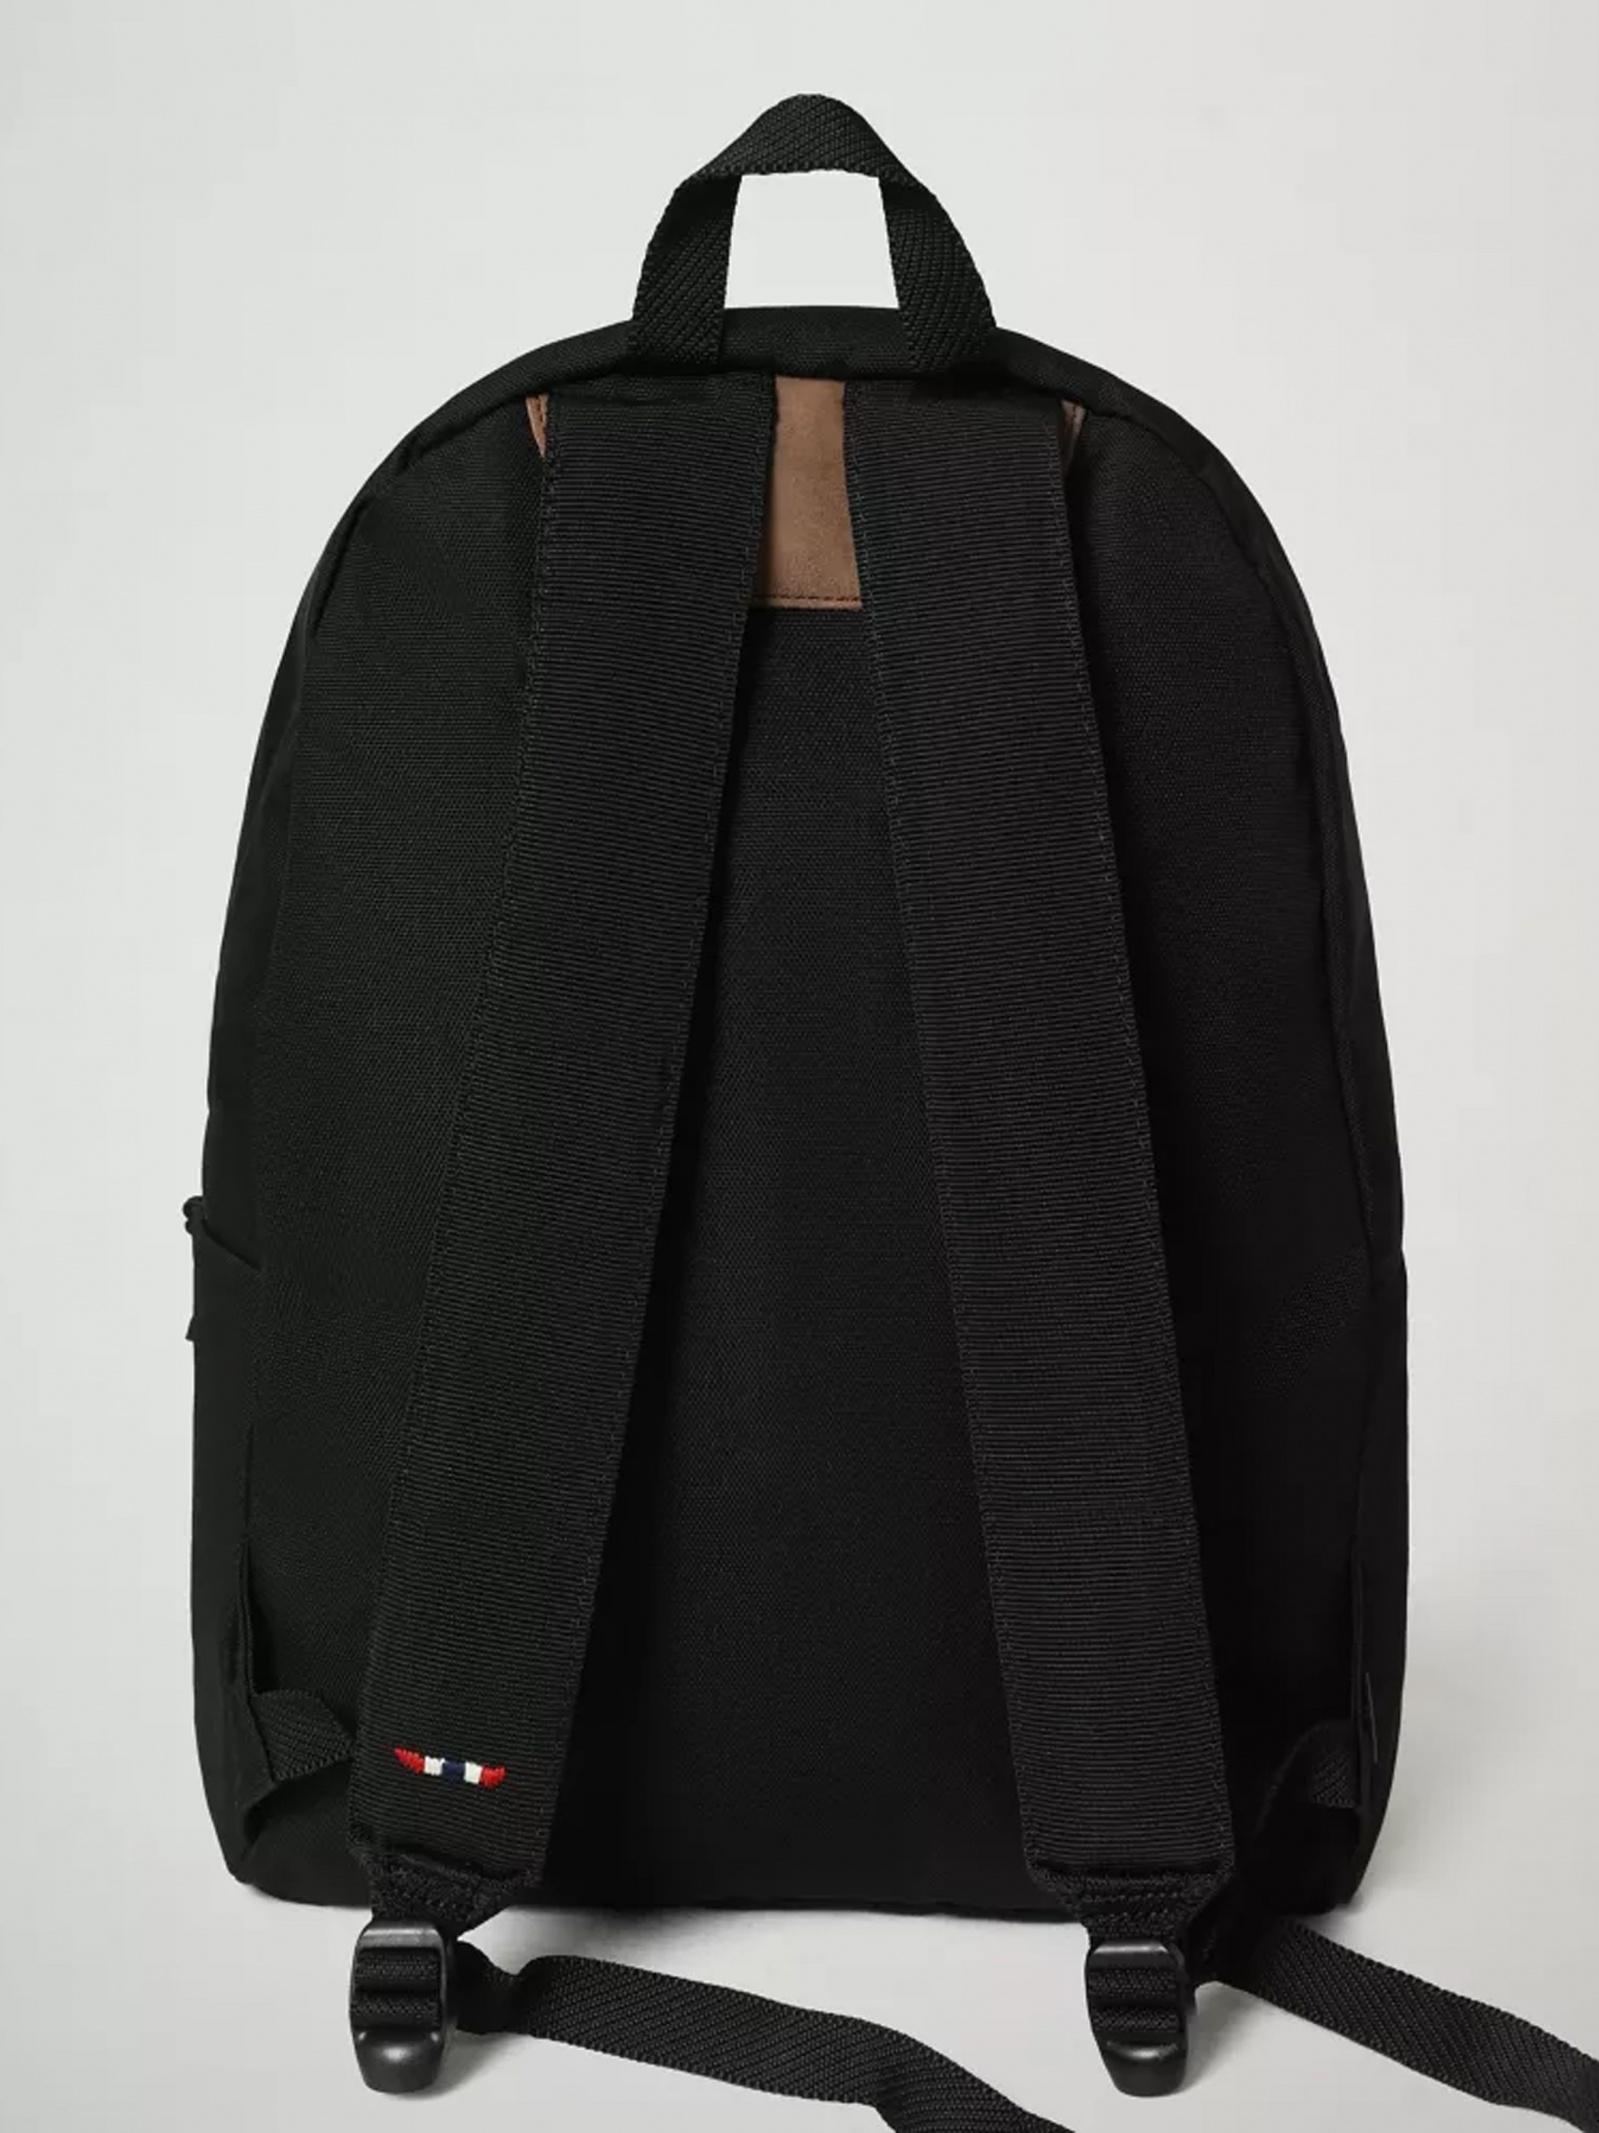 Рюкзак  Napapijri модель NP0A4E42FV41 купить, 2017